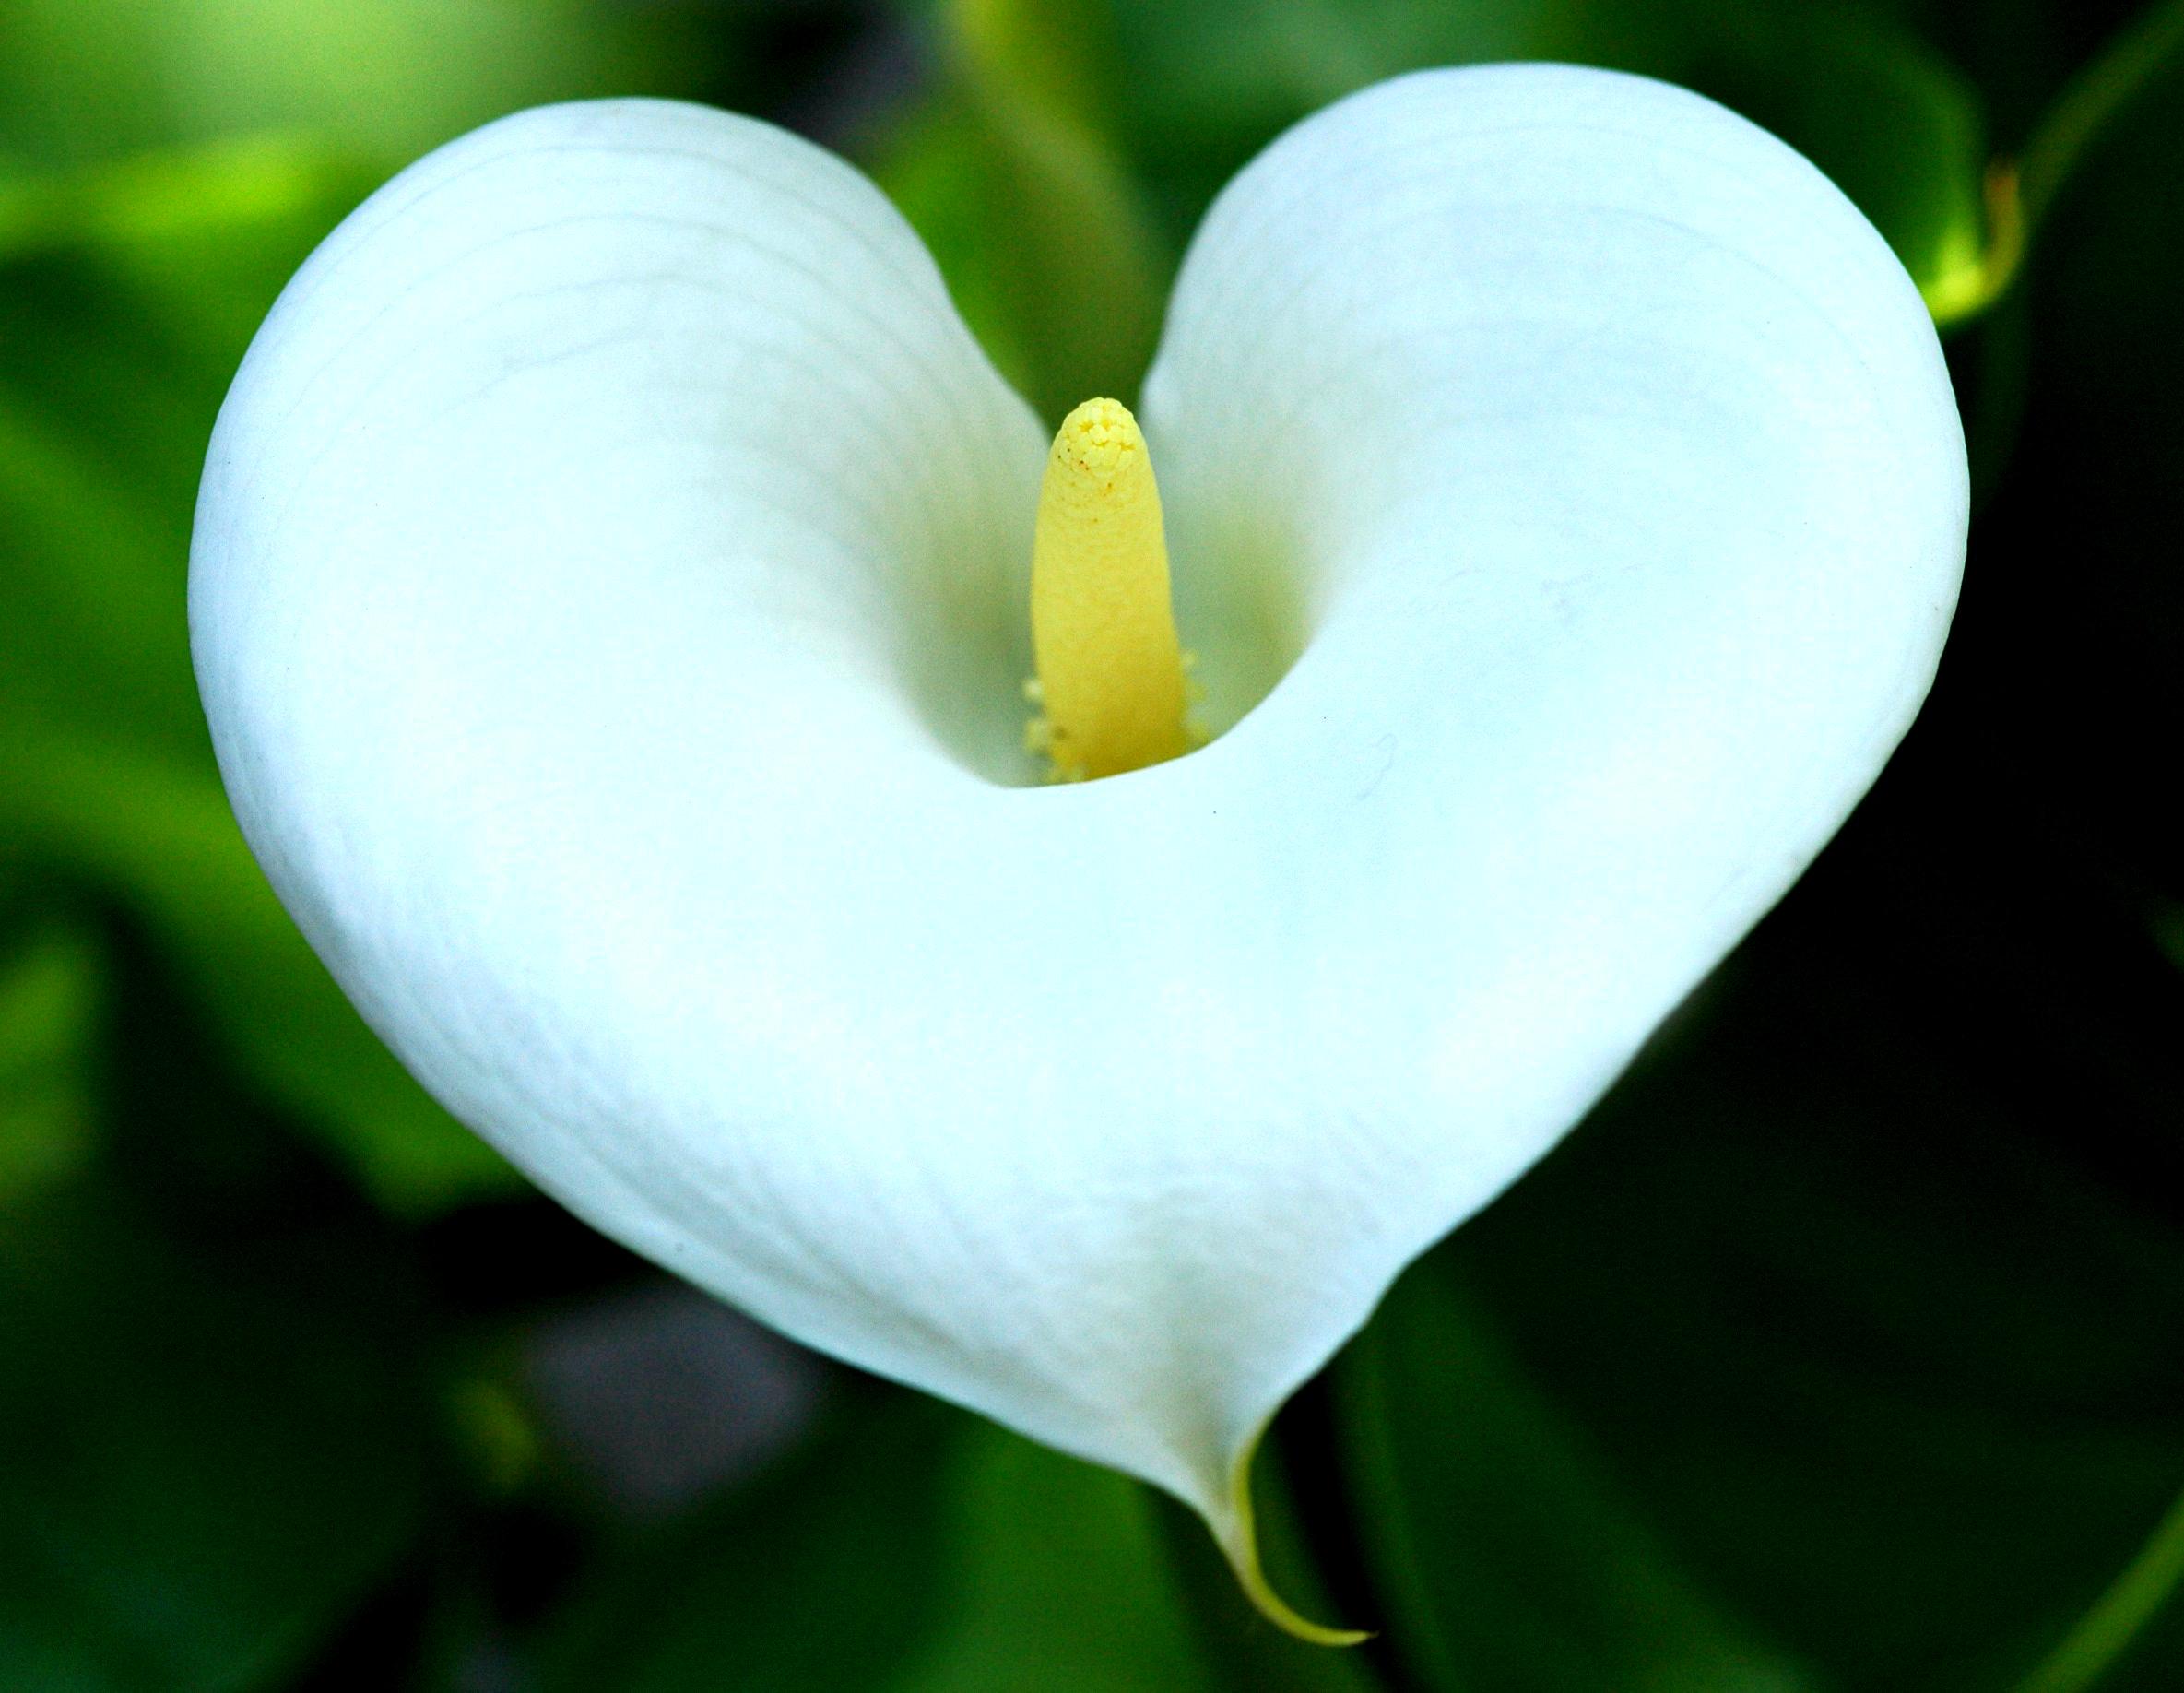 Картинка сердечка